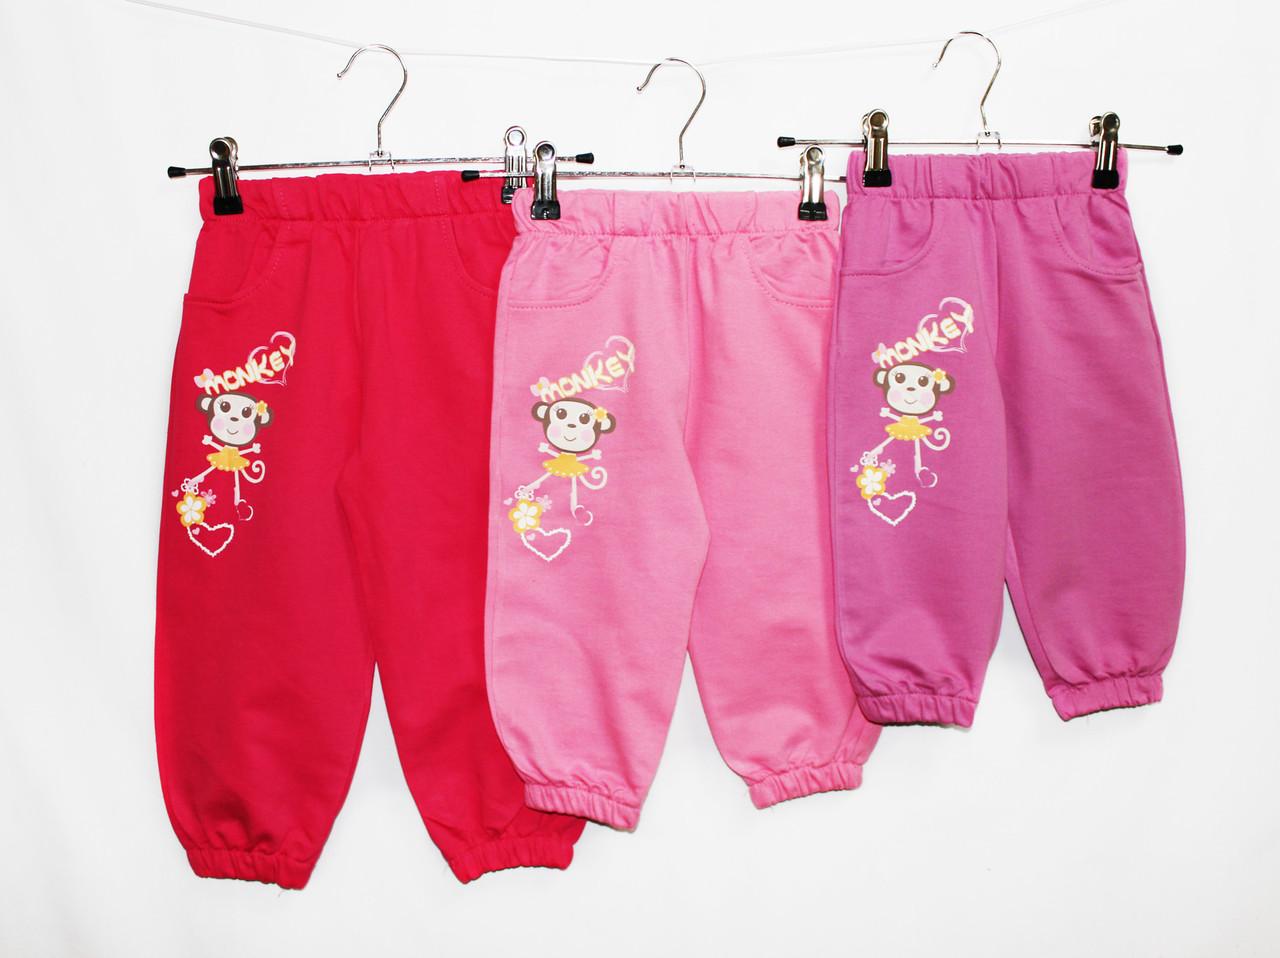 Брюки детские трикотажные для девочки. 1, 2, 3, 4 года. Vizcon